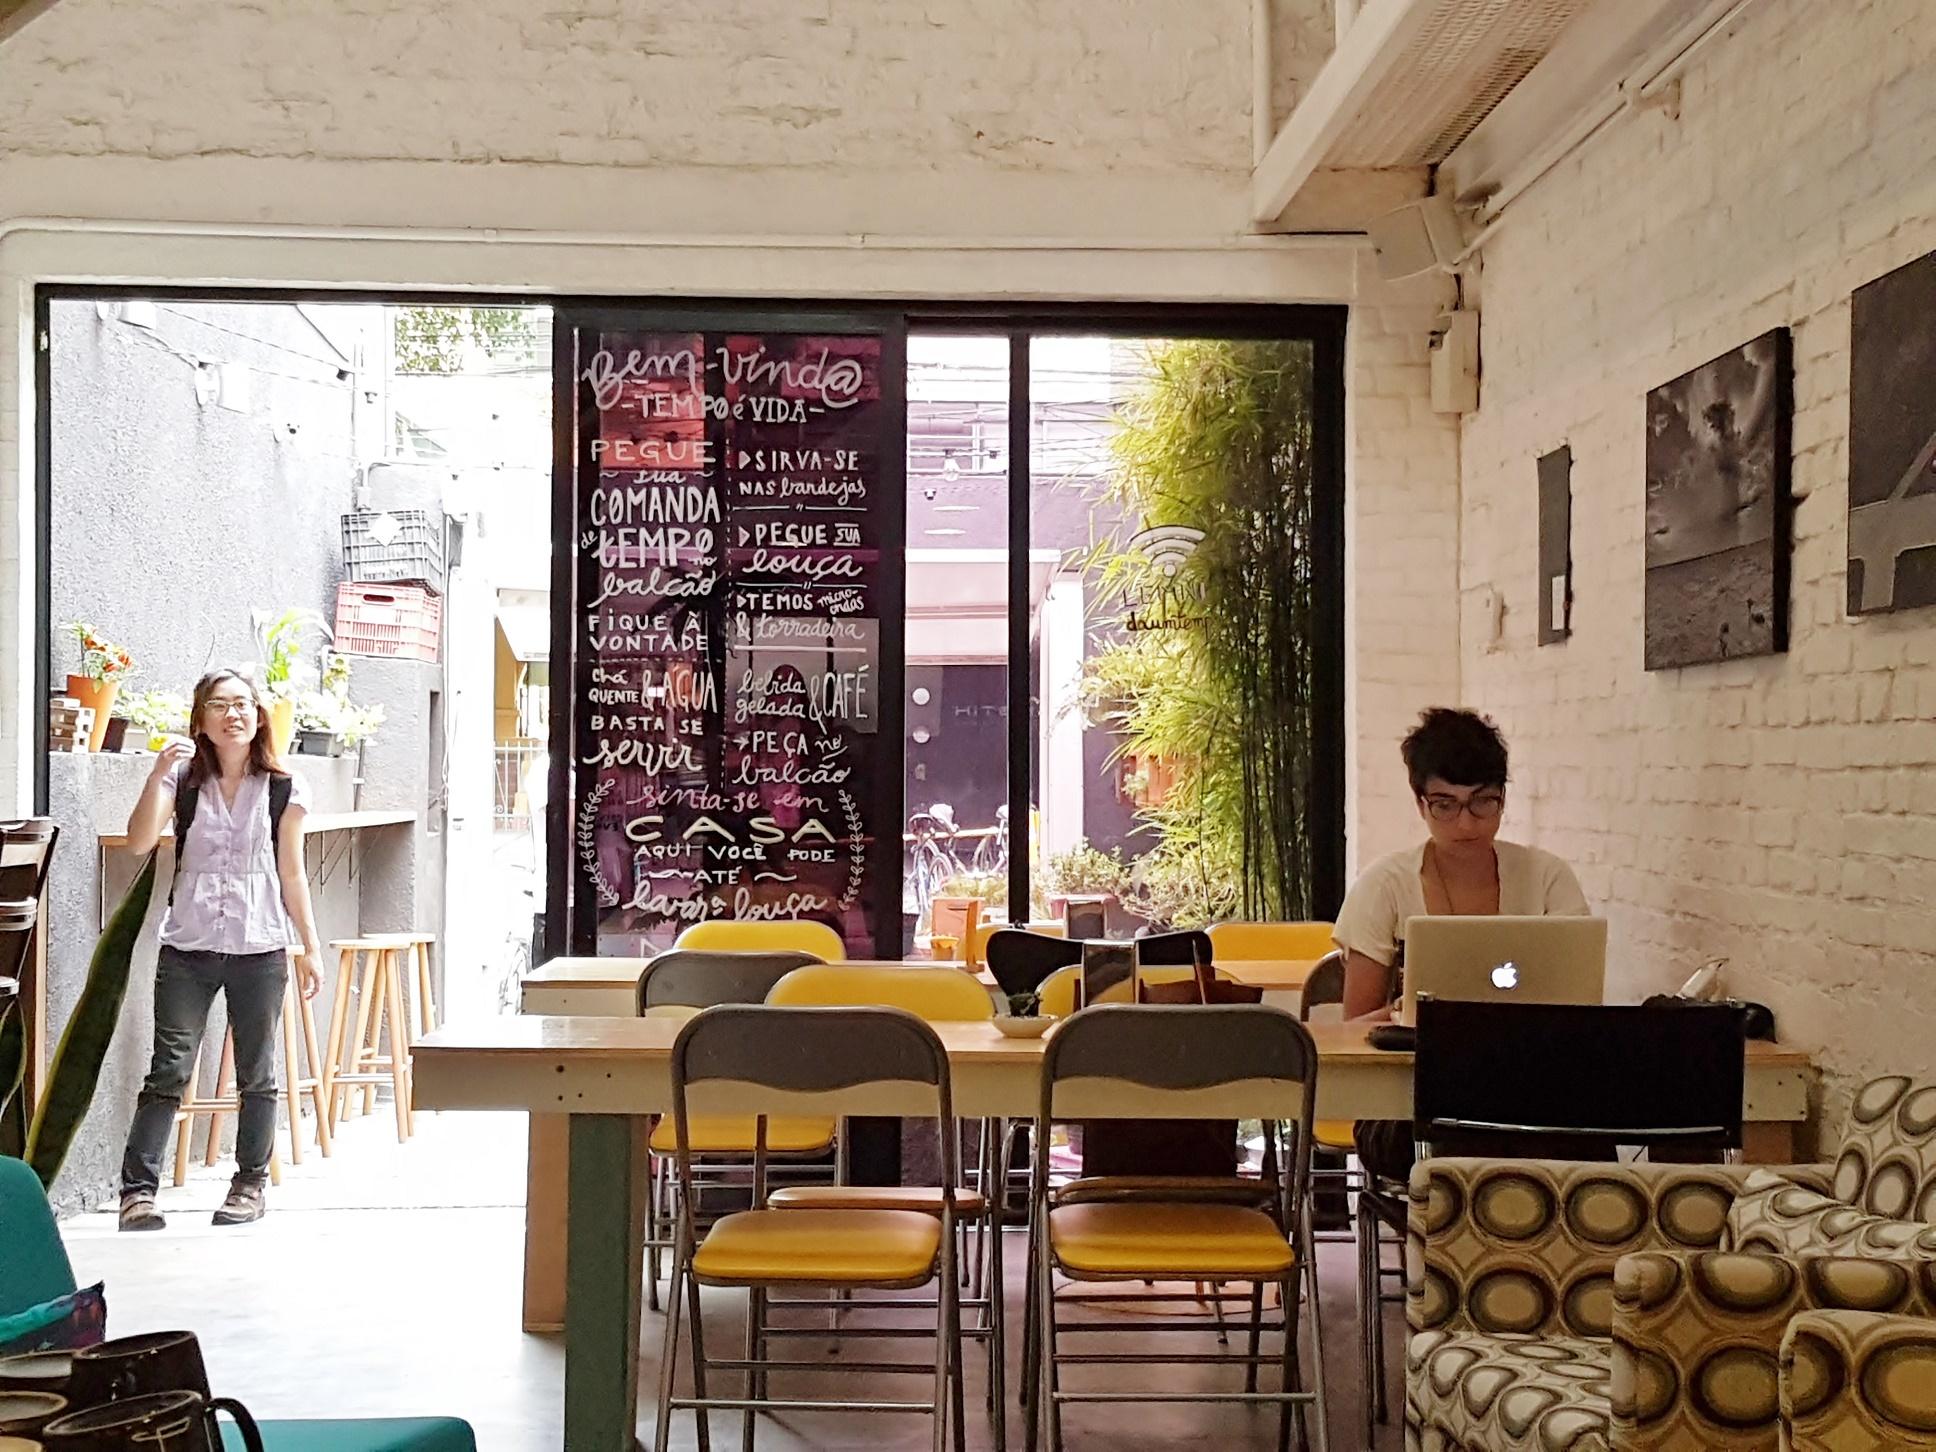 Diferentemente de um café normal, o propósito do Lemni não é incentivar o consumo, mas a comunicação e a interação entre os clientes. Foto de Florência Costa